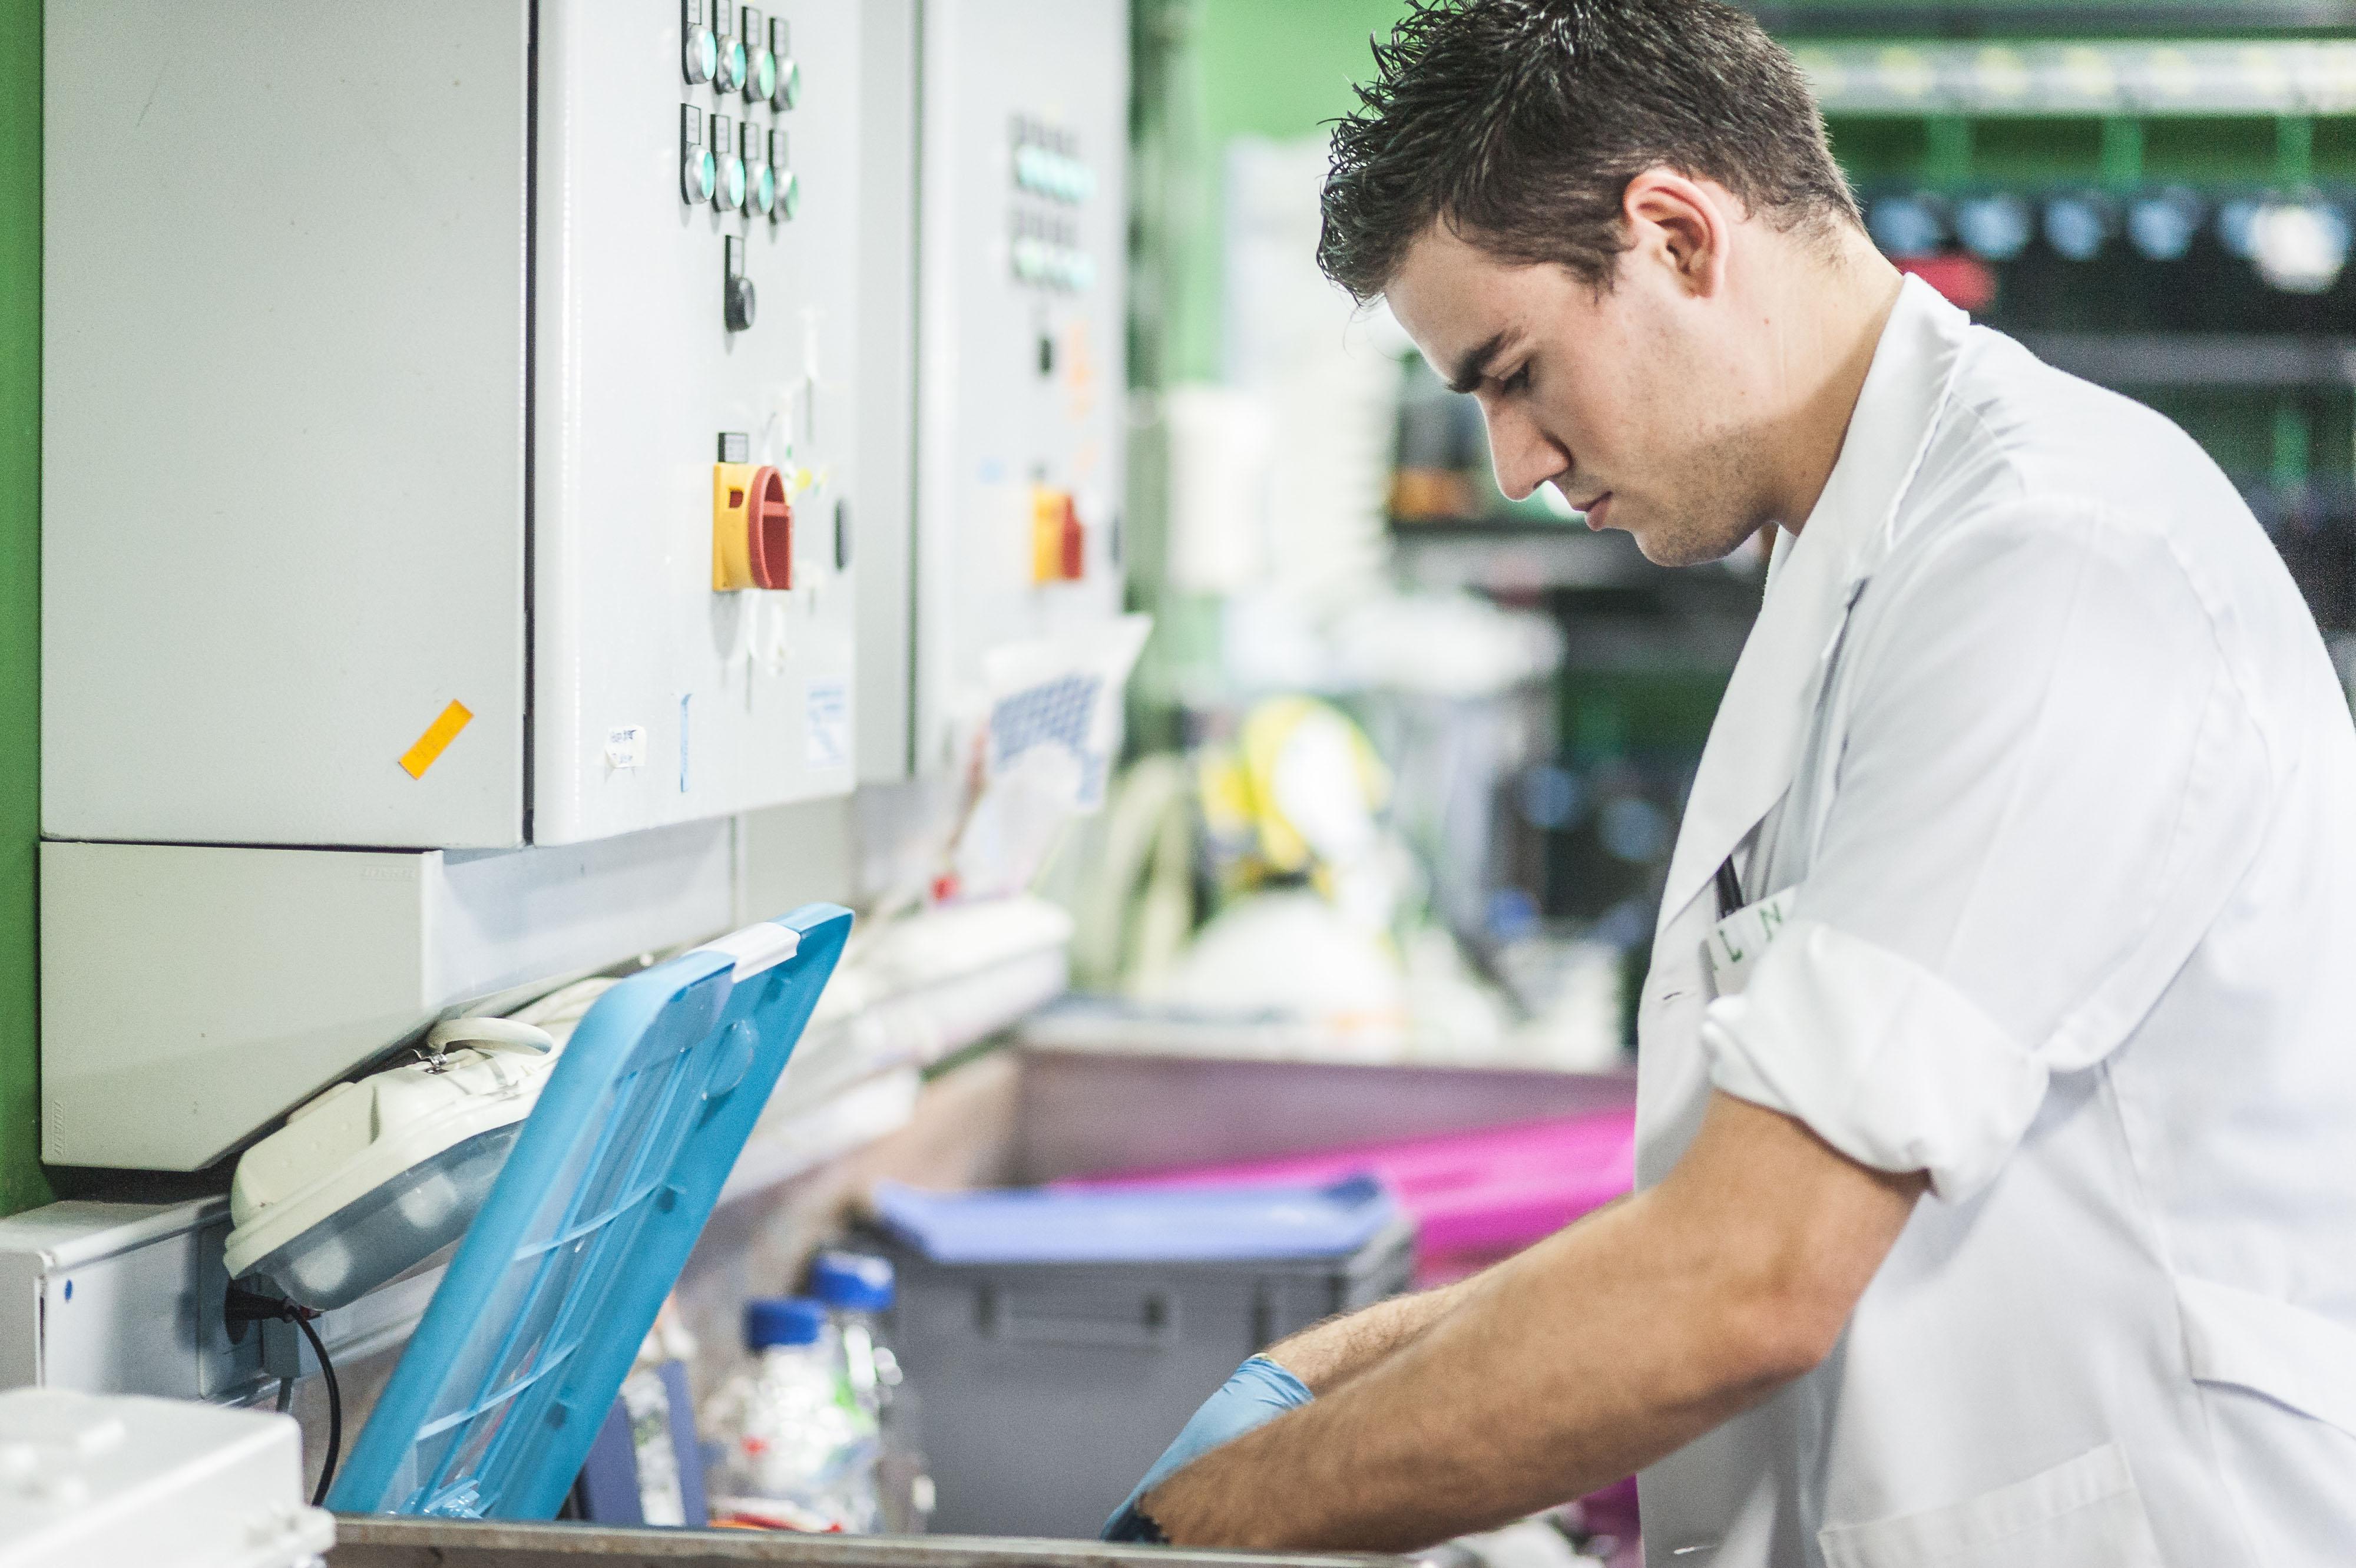 La UPO convoca 13 contratos temporales en la modalidad de prácticas de personal técnico de apoyo y gestión de la I+D+i